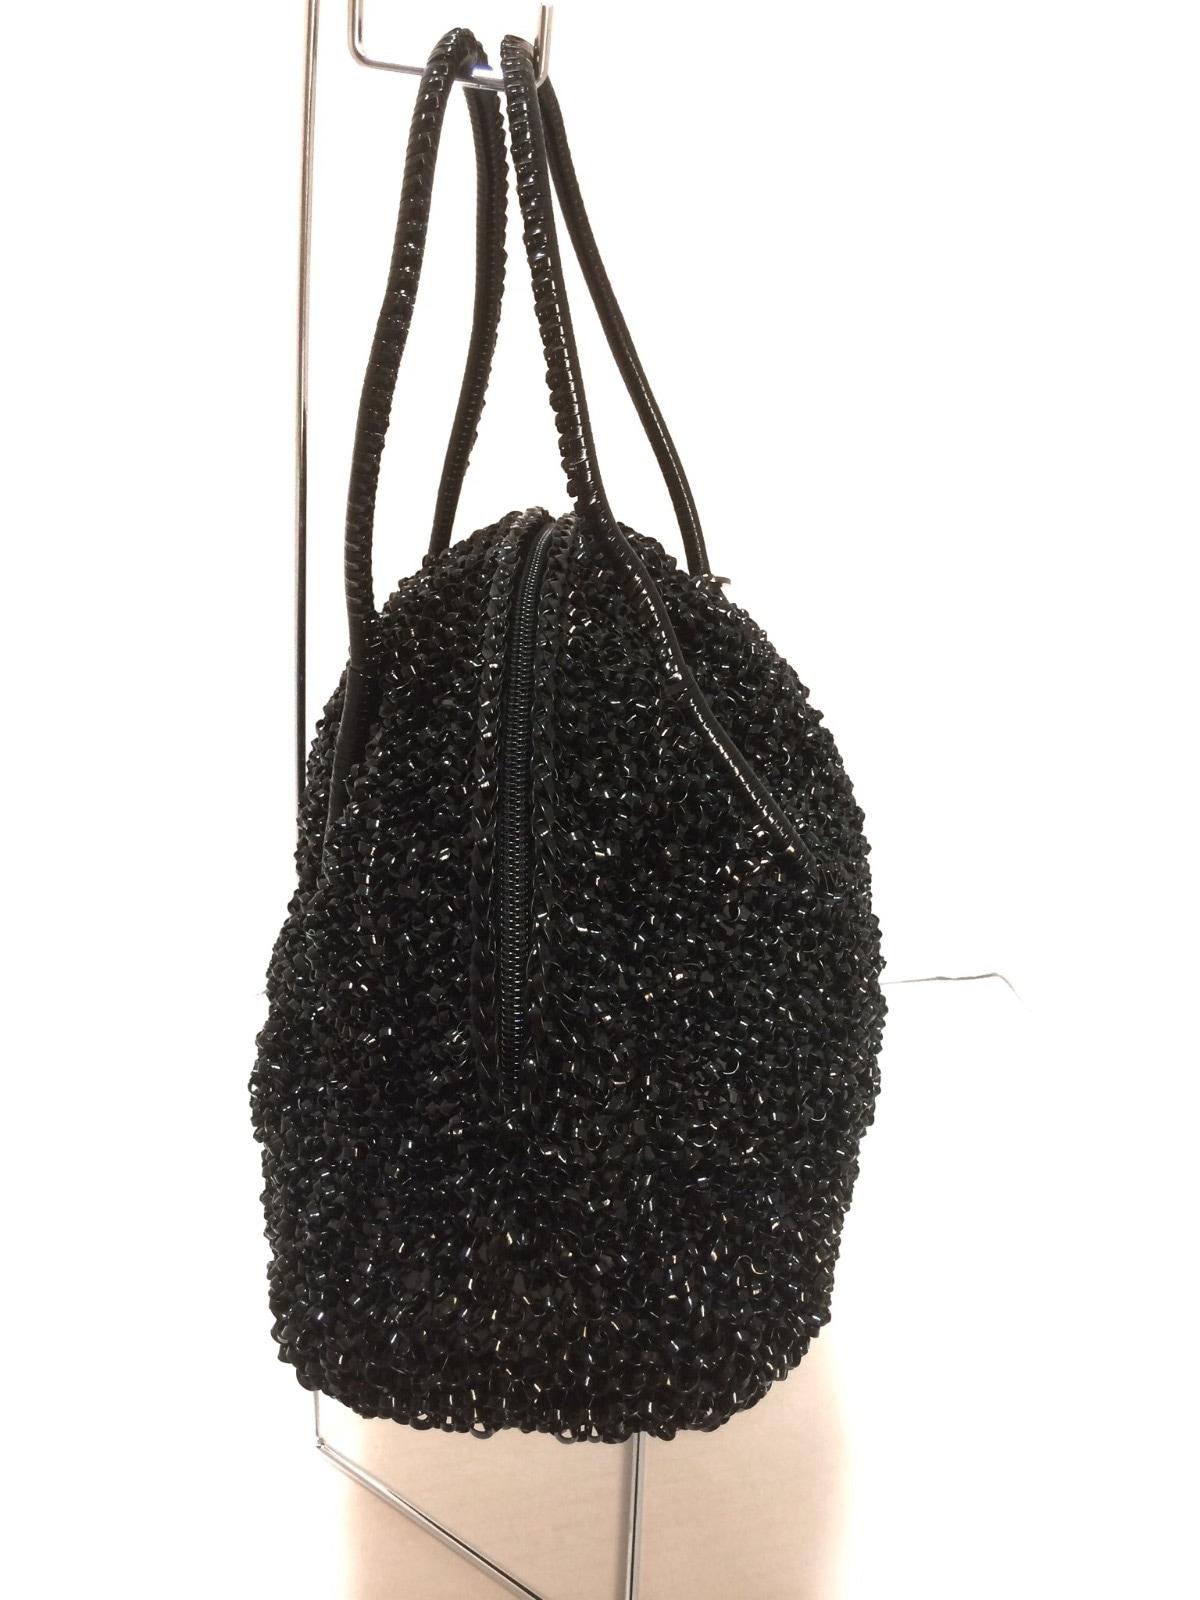 ANTEPRIMA(アンテプリマ)のワイヤーバッグ